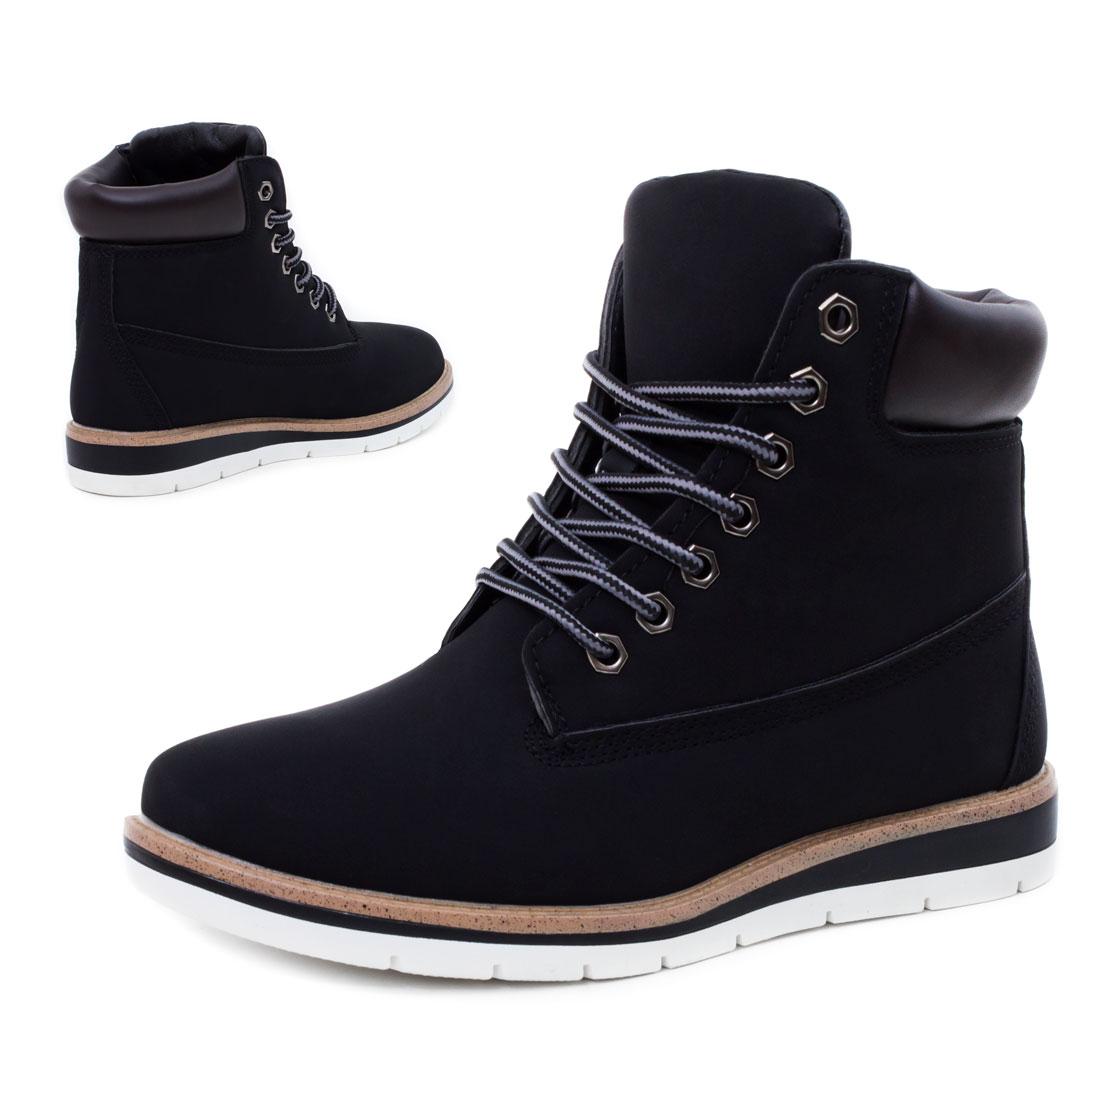 Herbst Schuhe Damen